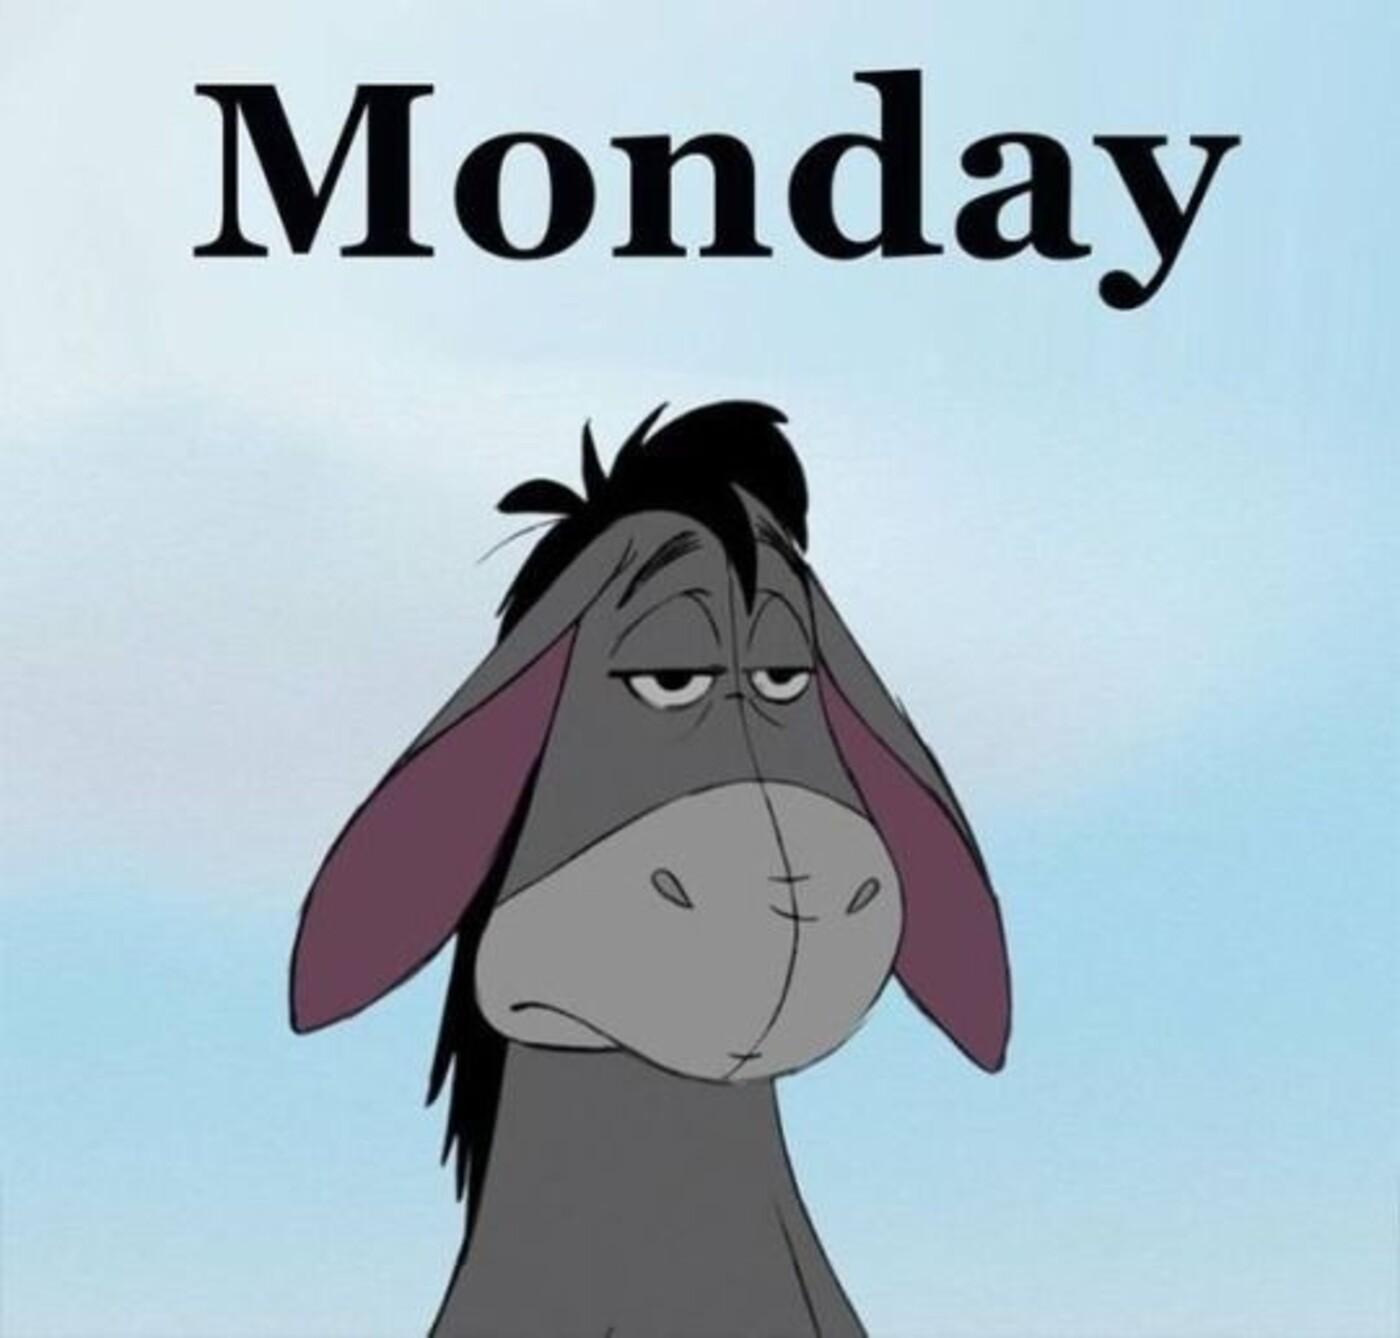 Buon Lunedì in inglese